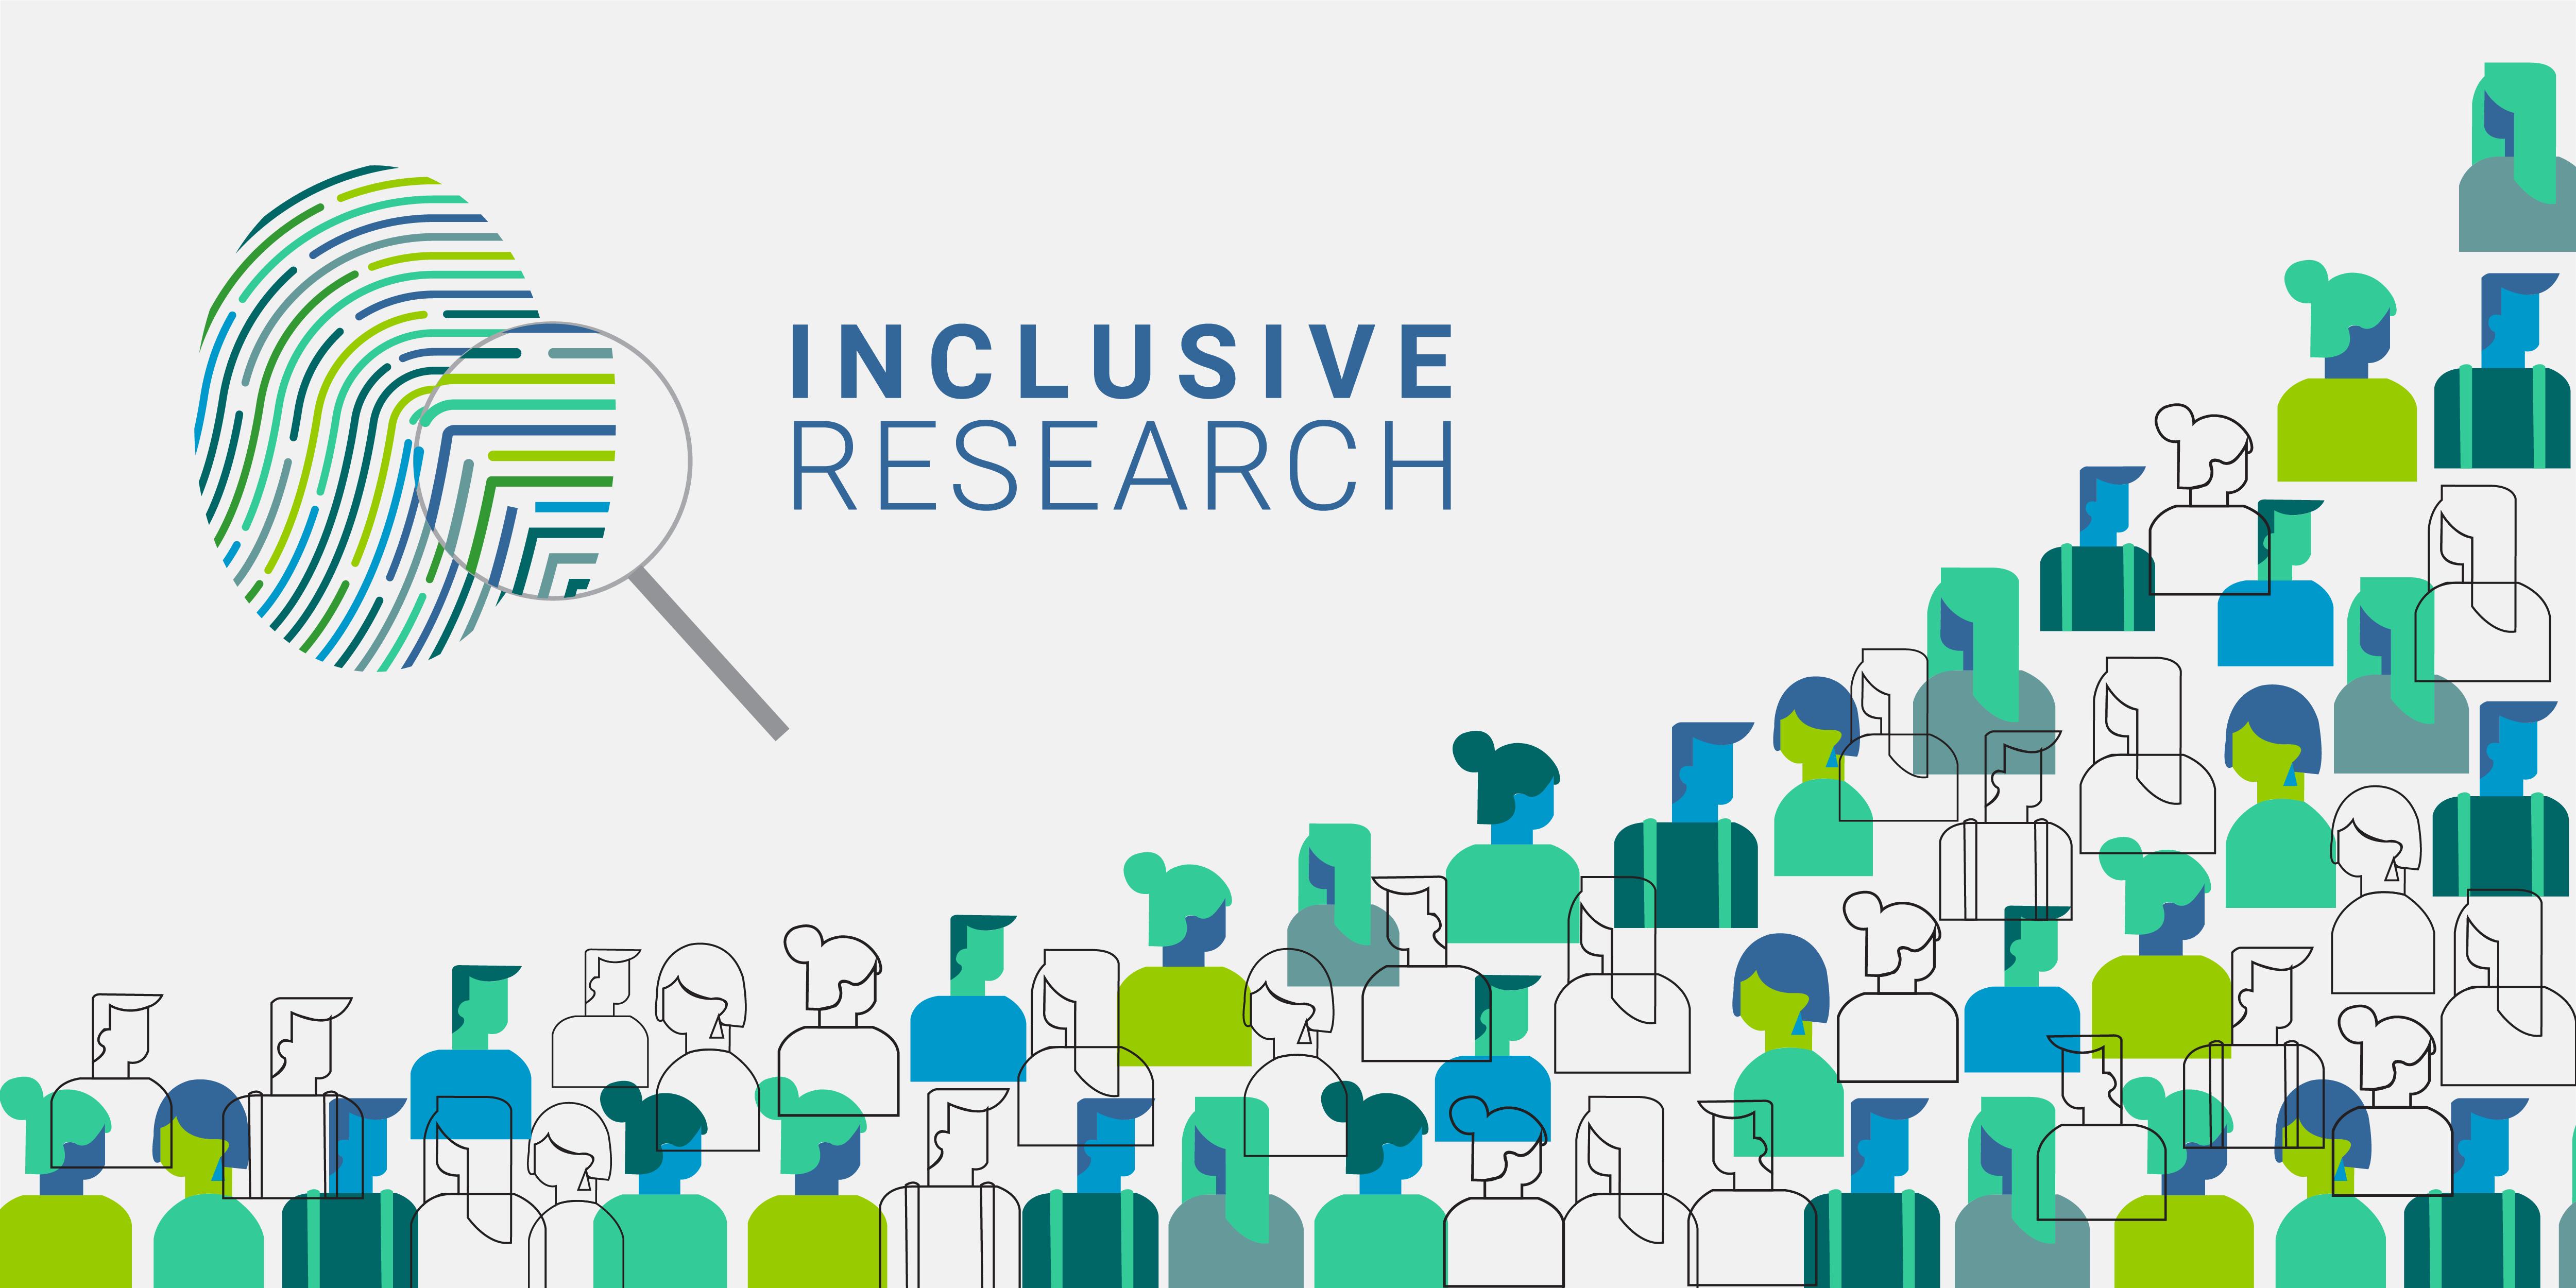 Design Science Inclusive Research